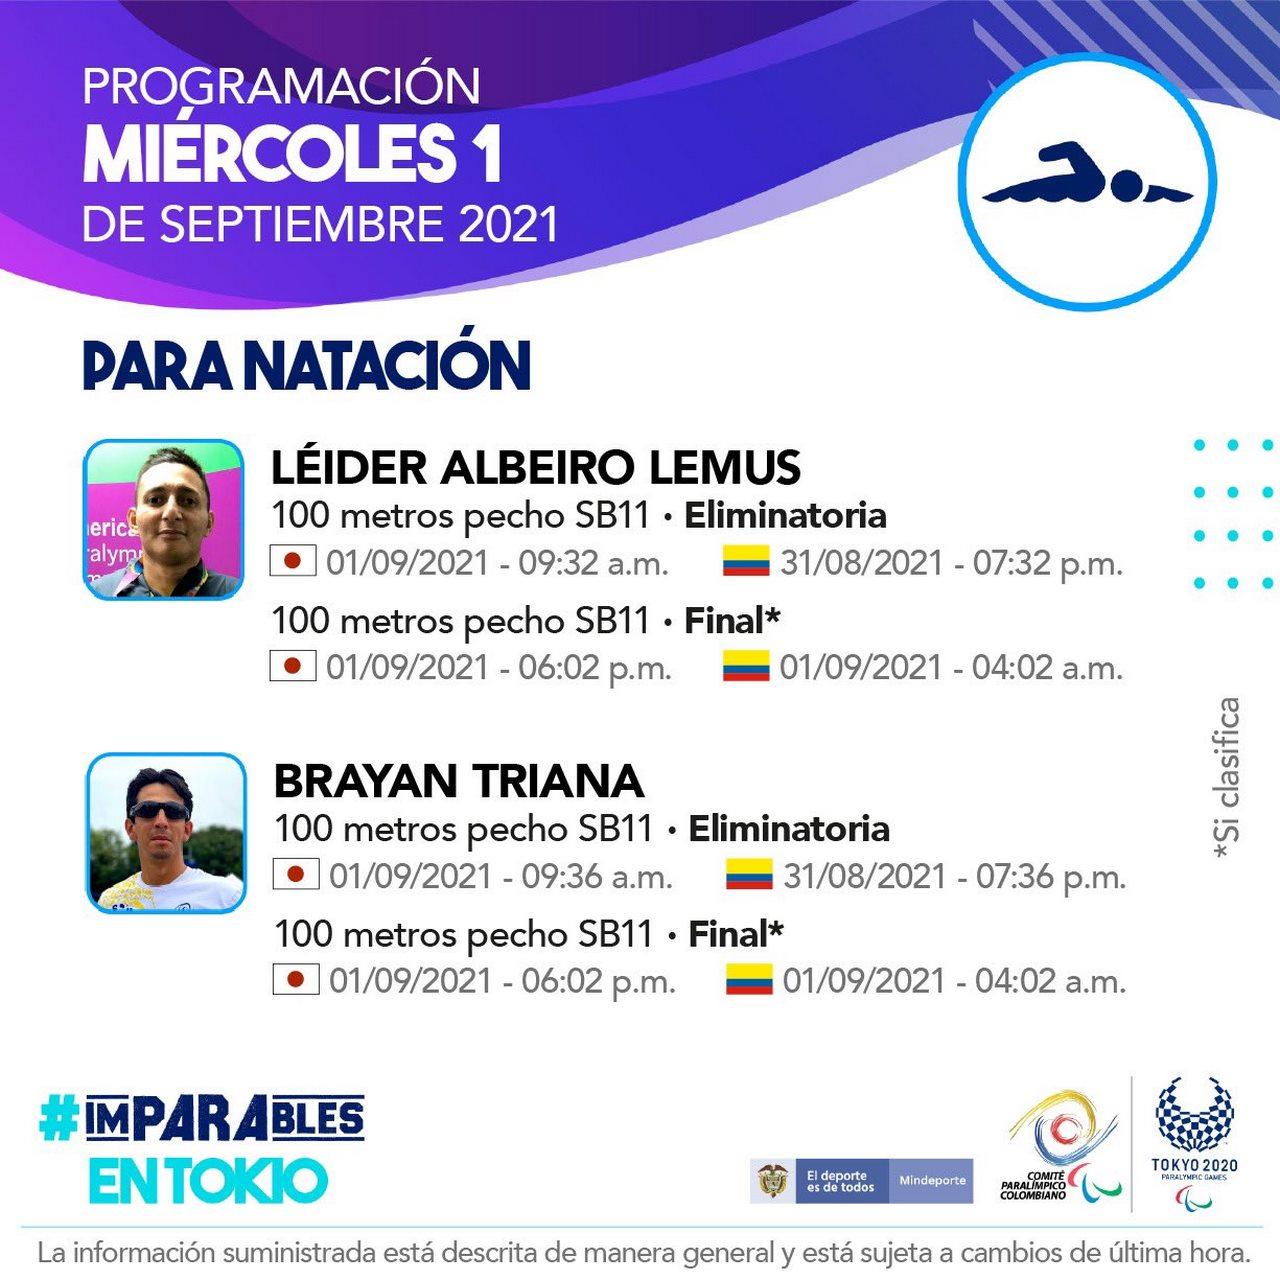 Programacion deportistas colombianos en la octava jornada de los Juegos Paralimpicos 3